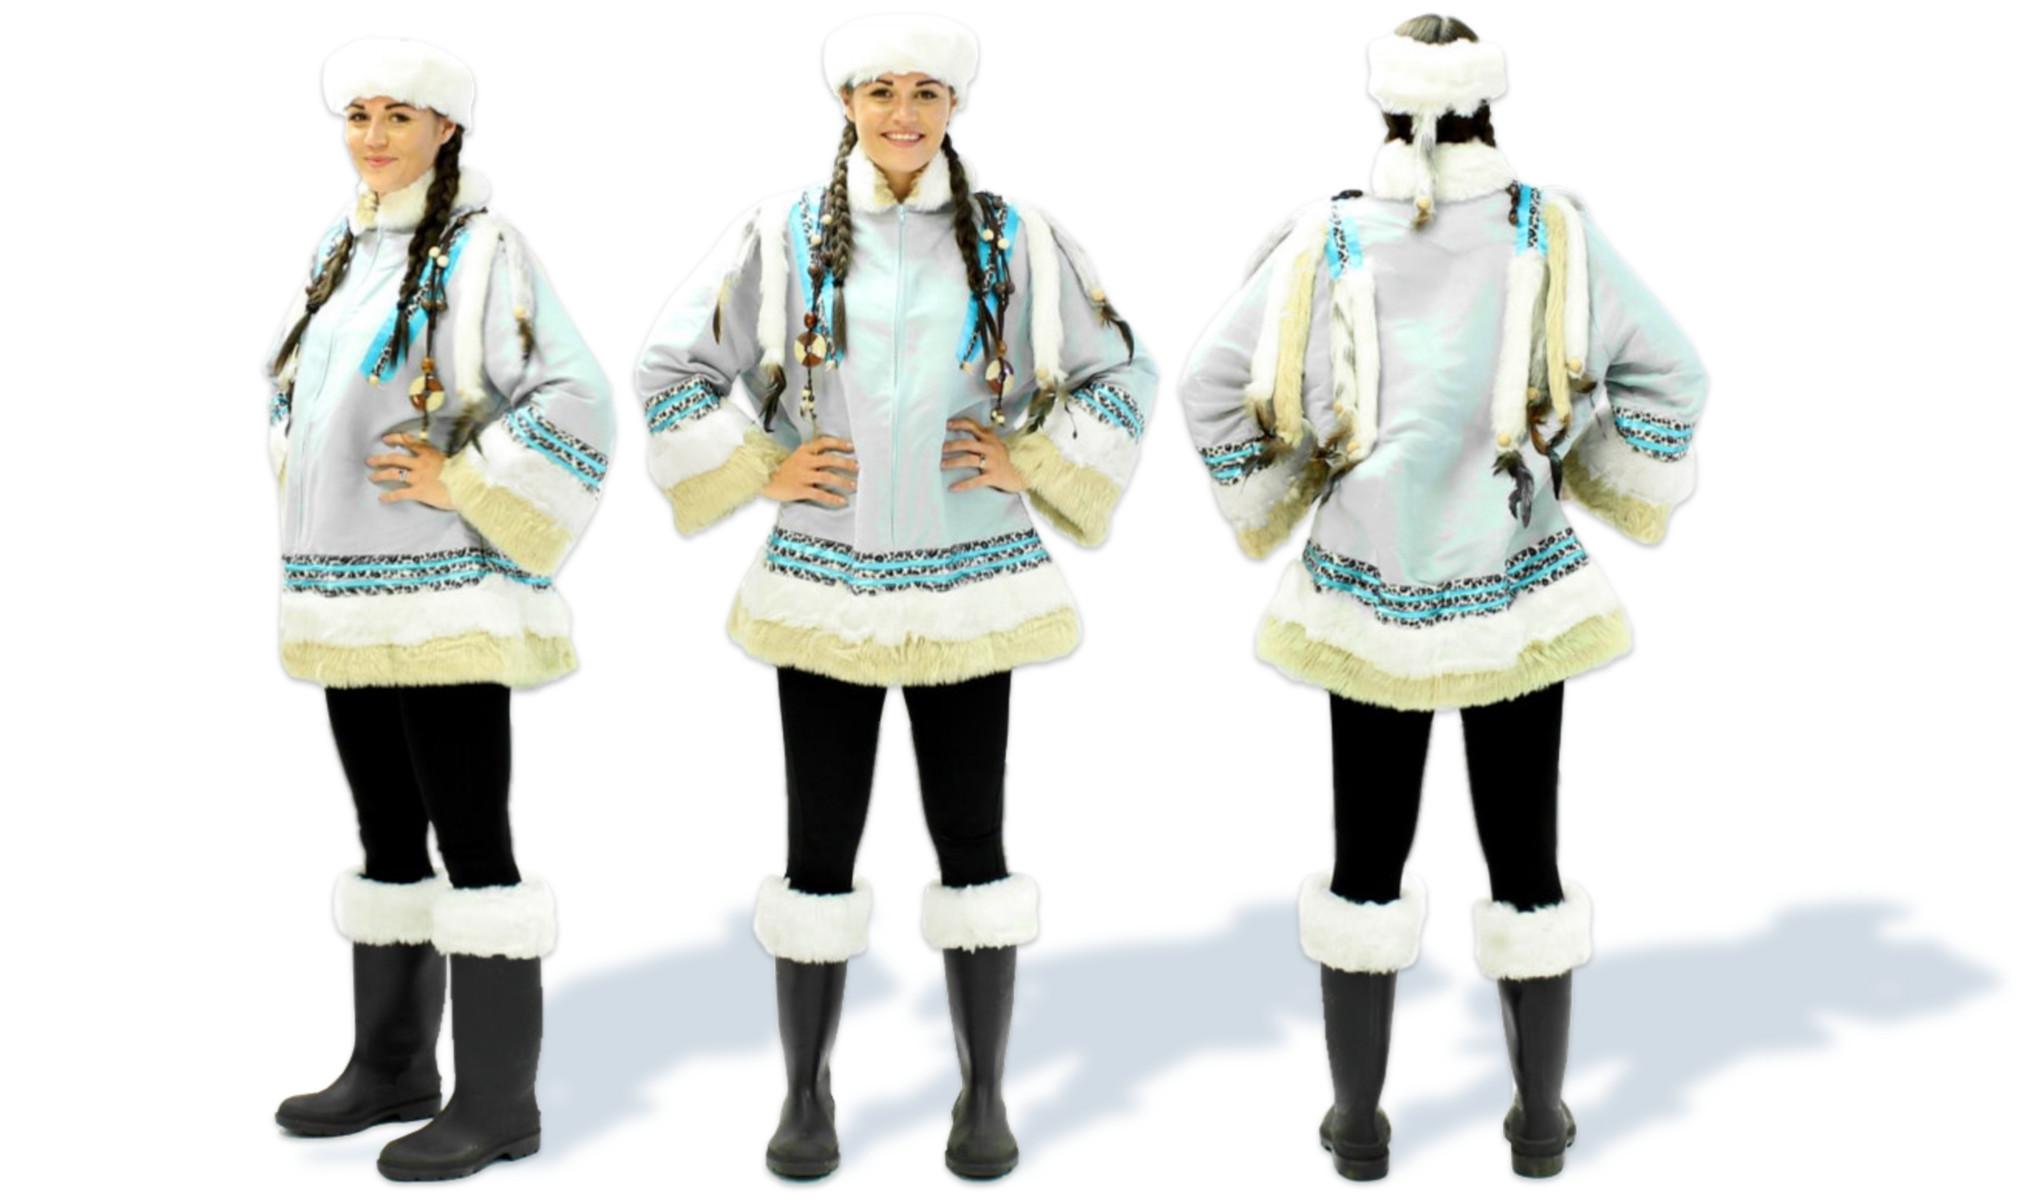 Inuit Costume Hire